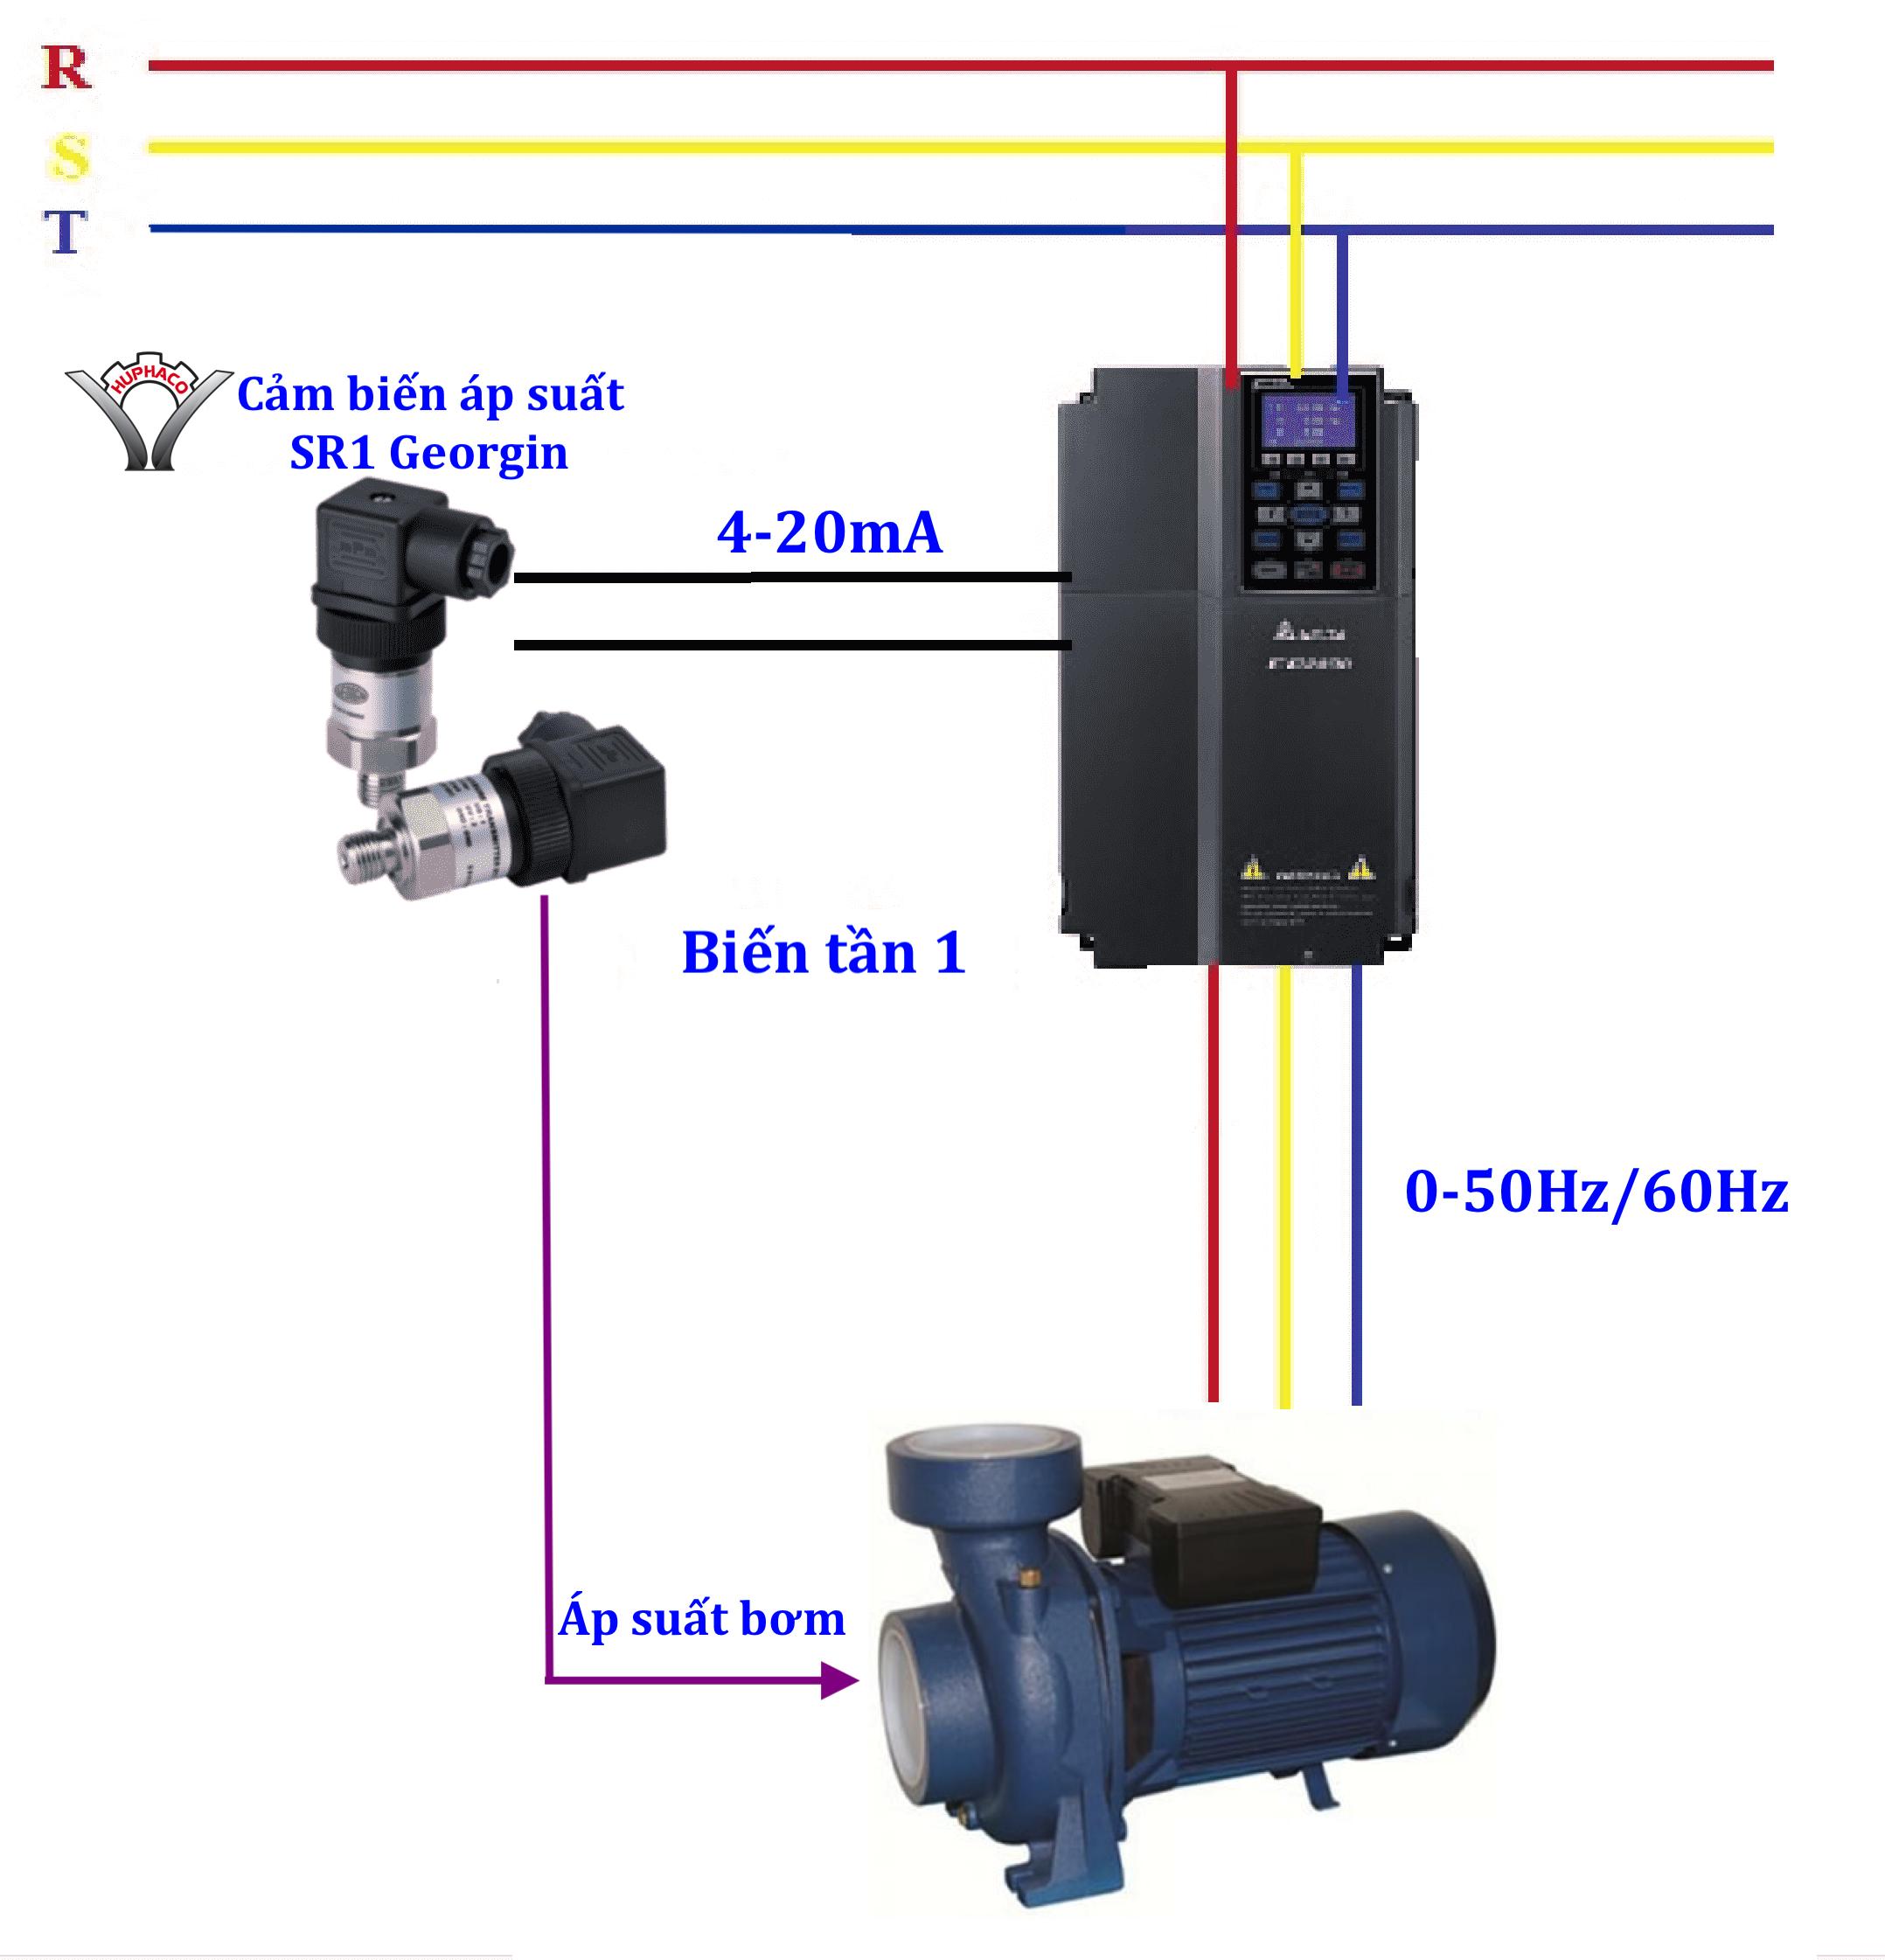 Cảm biến áp suất 4-20mA